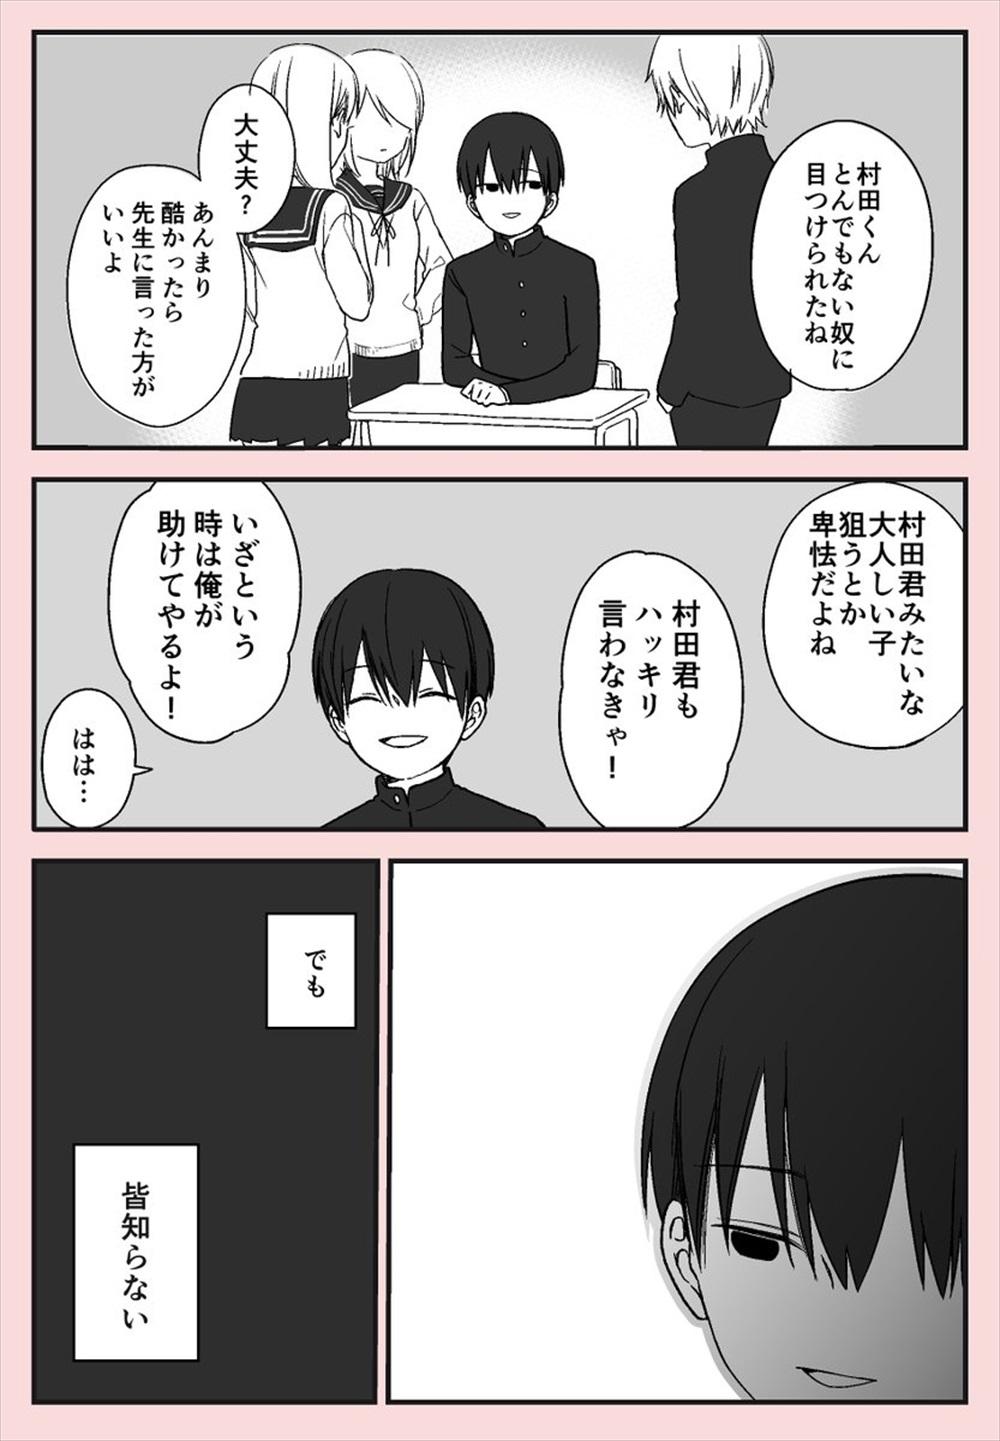 優しいいじめっ子3